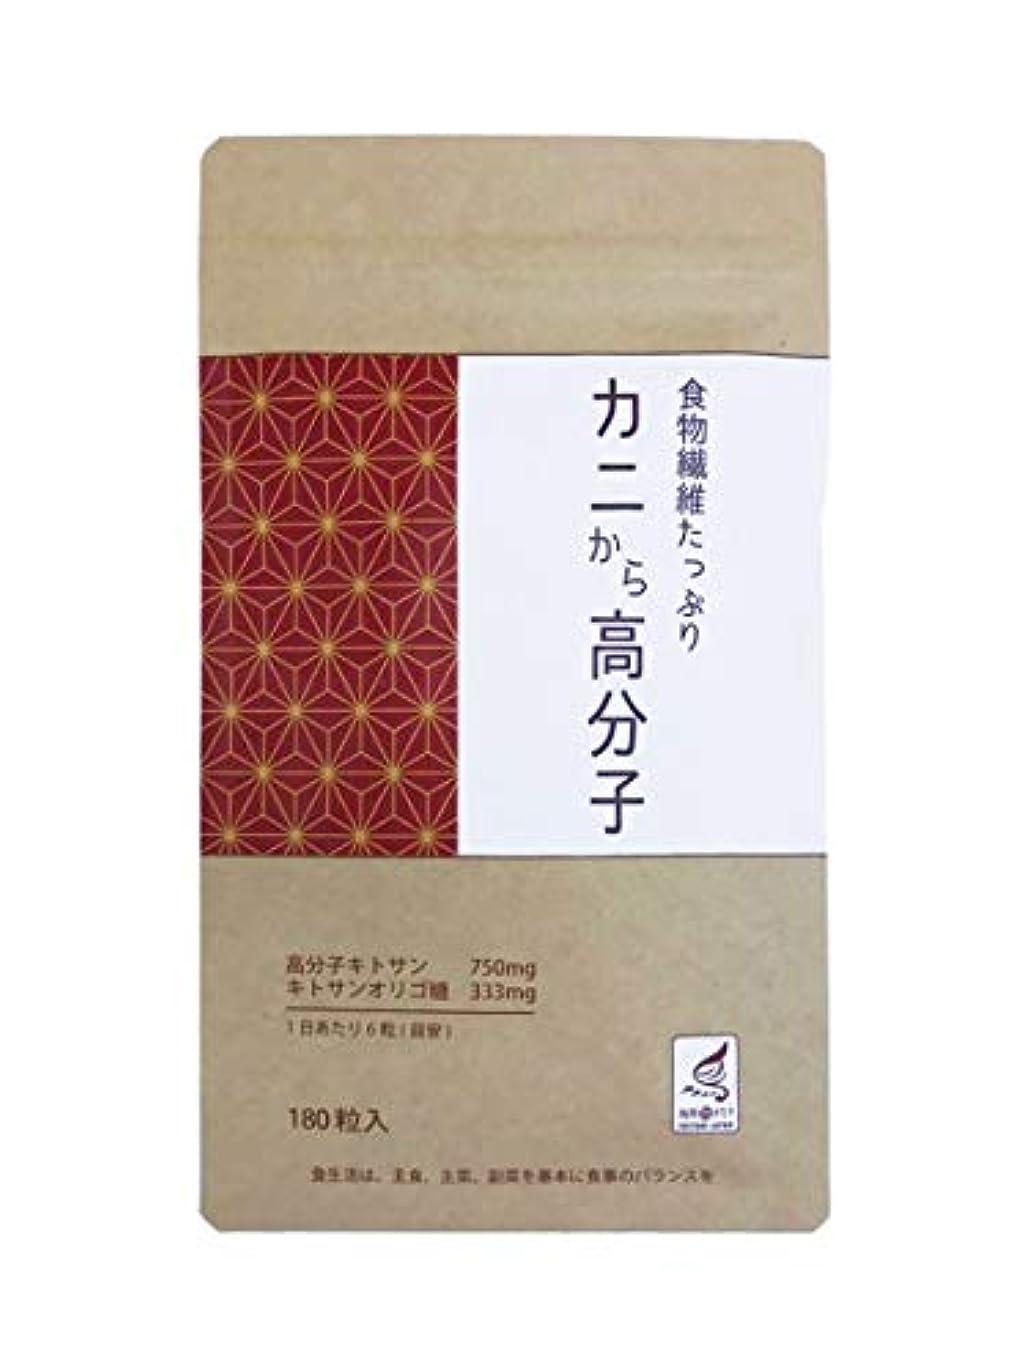 階段ライム後者キトサン&キトサンオリゴ糖「カニから高分子」/【CC】